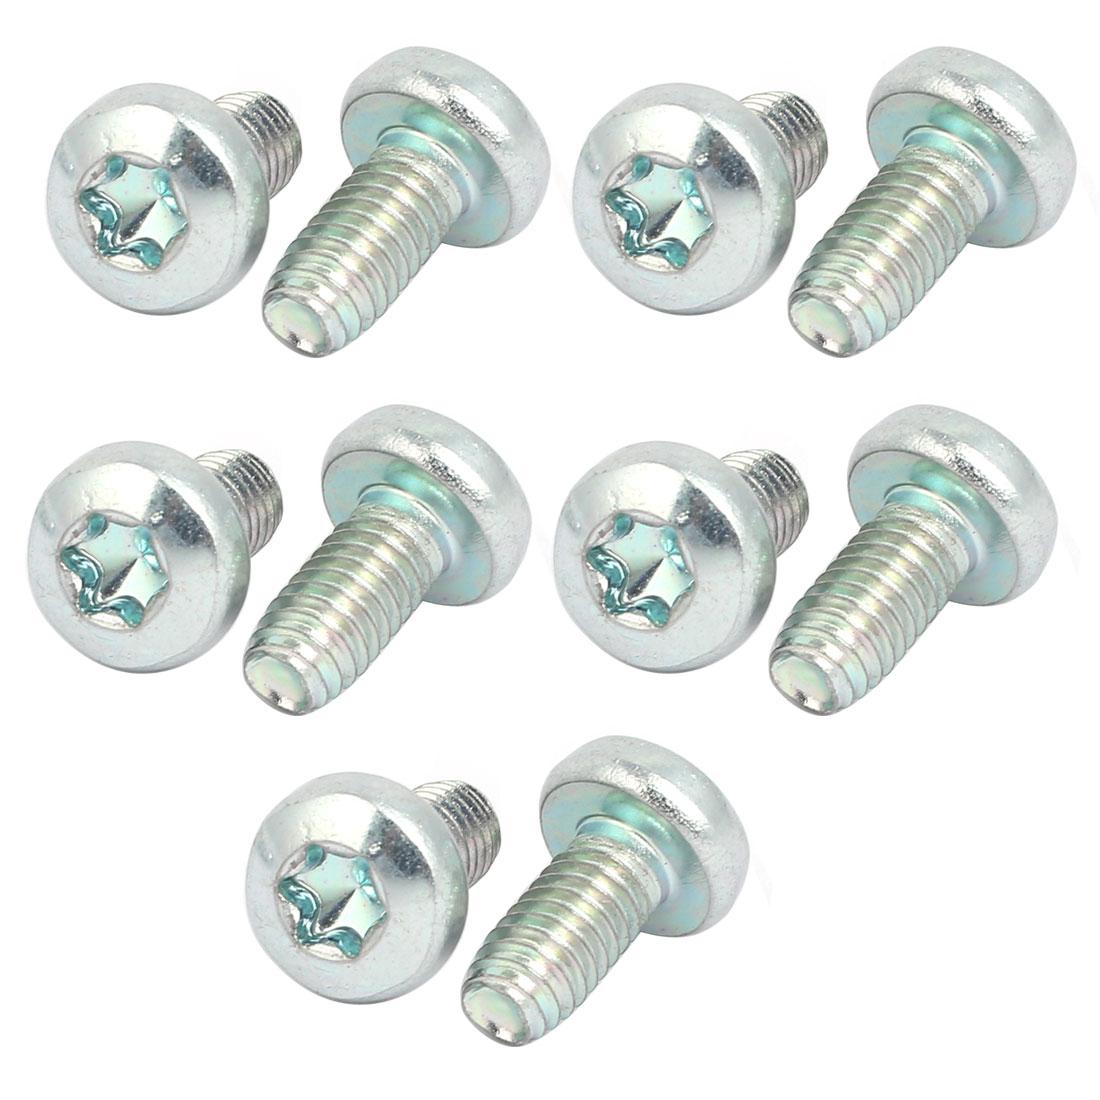 M6x12mm Pan Head Torx Socket Triangle Thread Screw Bolt Silver Tone 10pcs